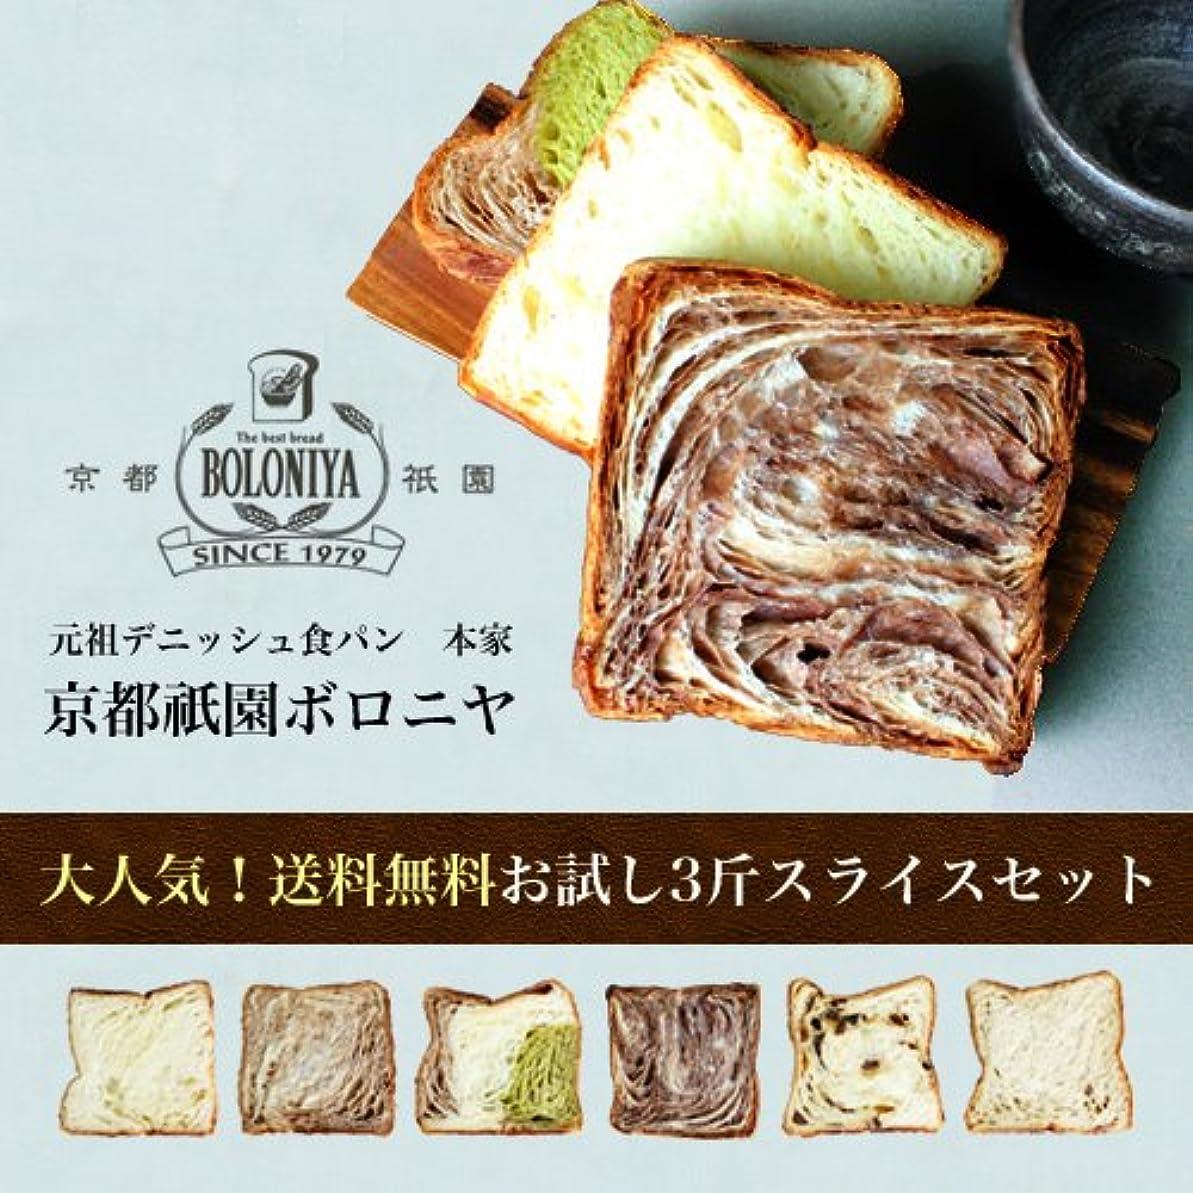 キュービック要塞並外れた京都祇園ボロニヤ お試しセットデニッシュ食パン2斤スイライスセット (セット内容:プレーン1斤、シナモン1斤)